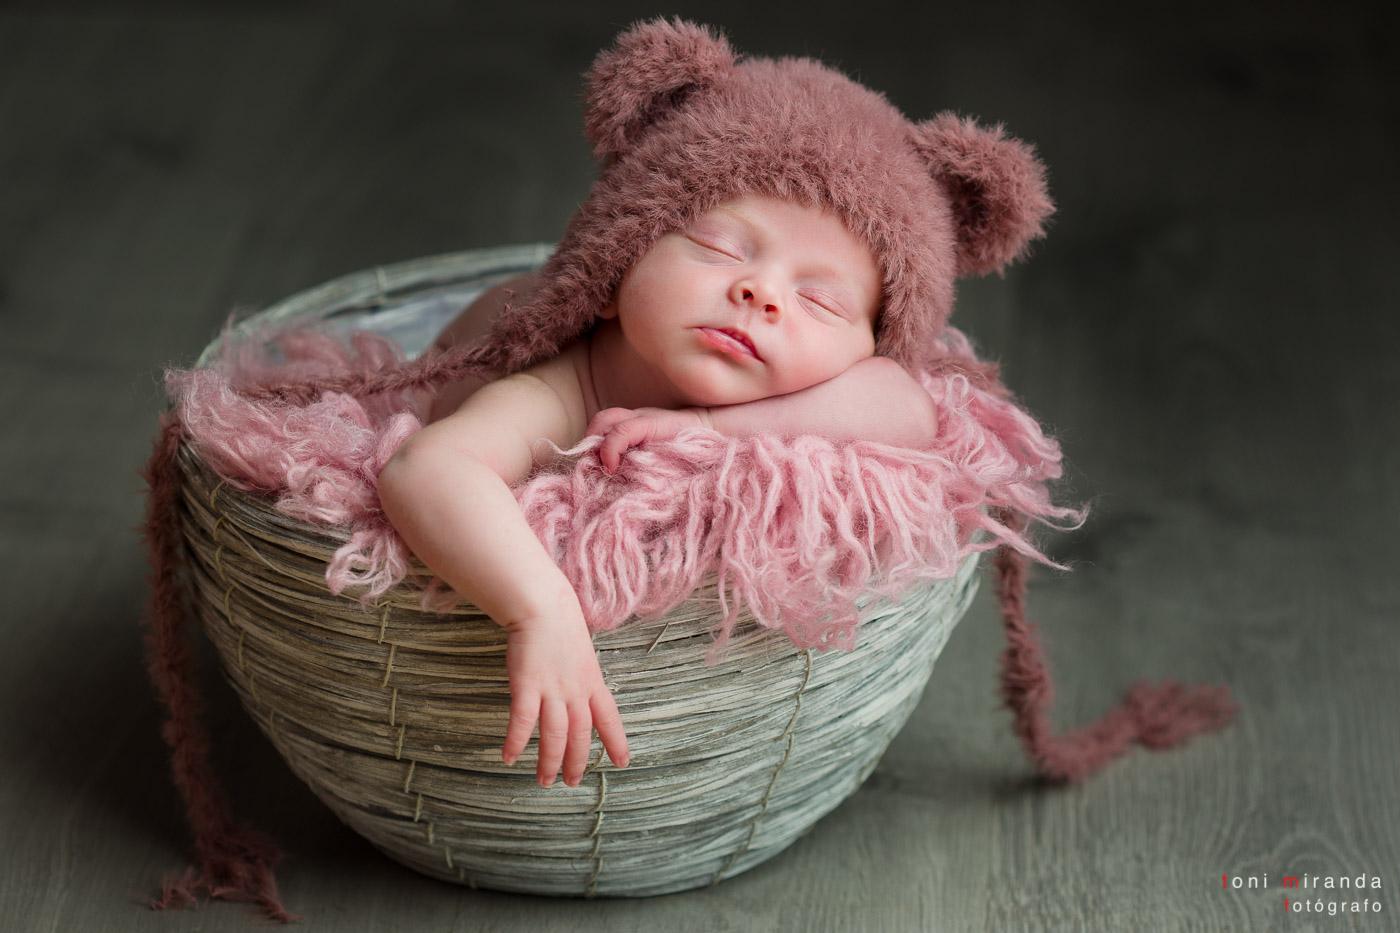 babe en cestita durmiendo